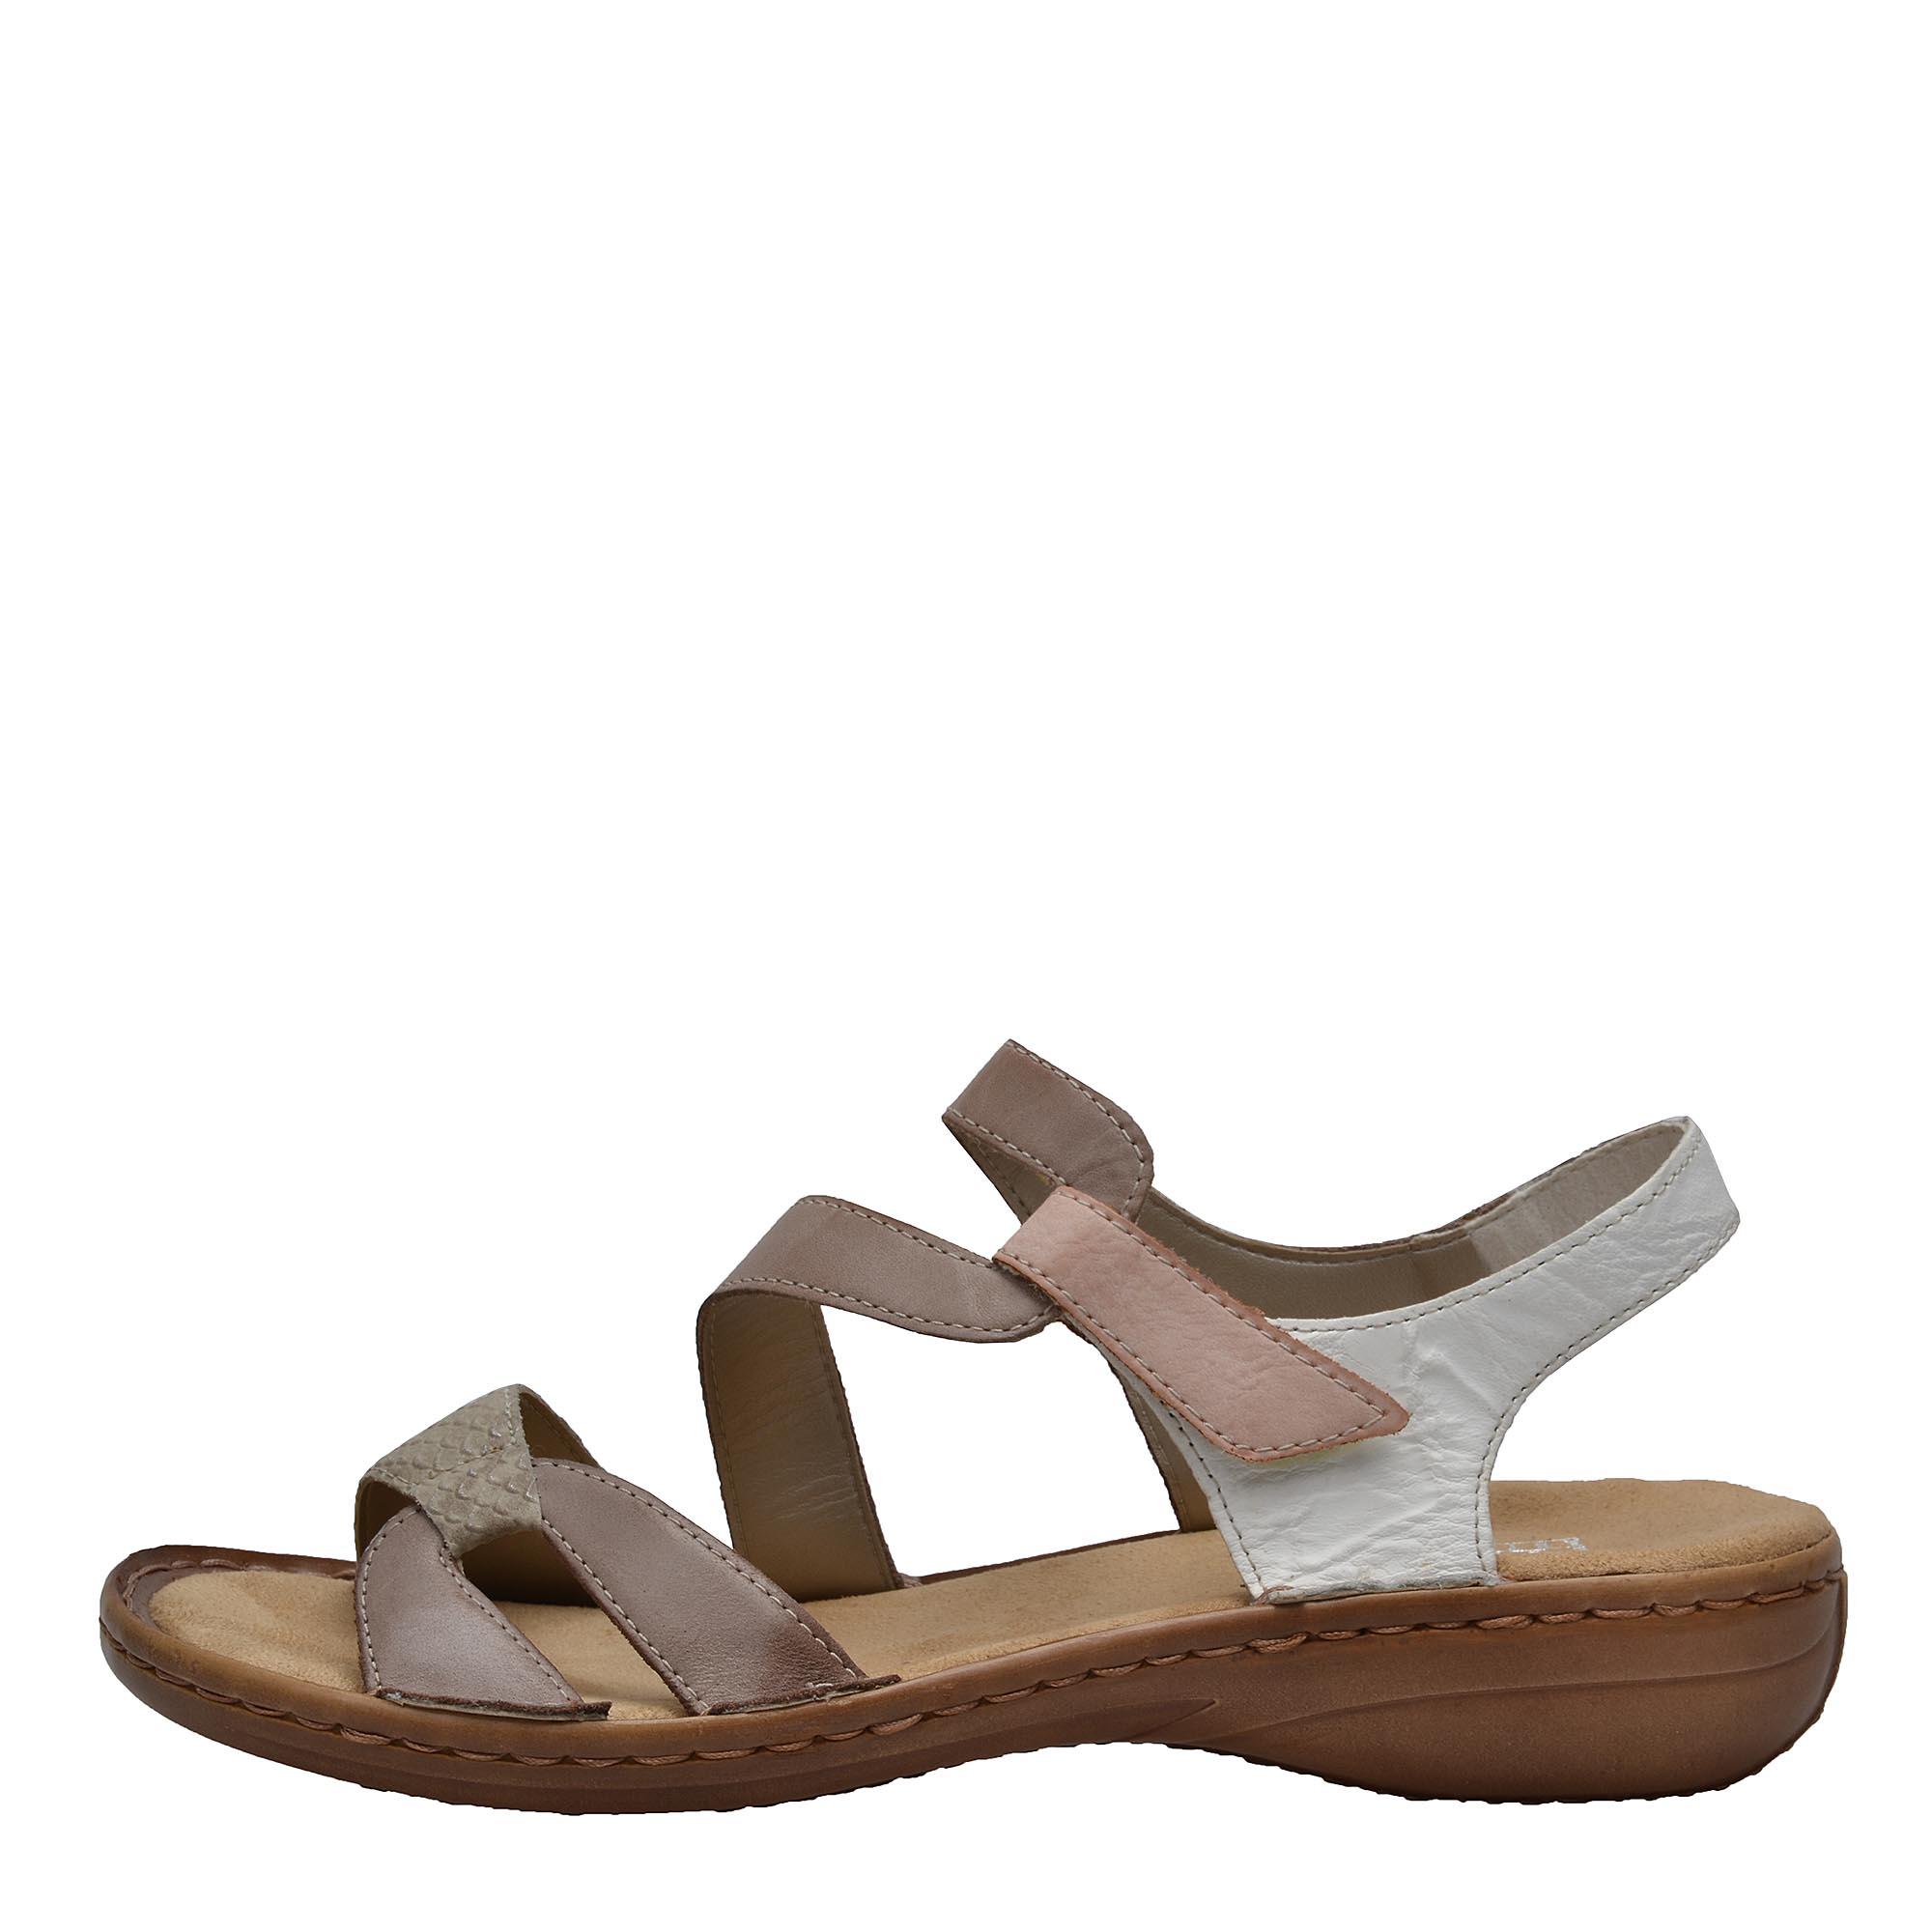 881181560d detail Dámská obuv RIEKER 60866 32 GRAU KOMBI F S 8